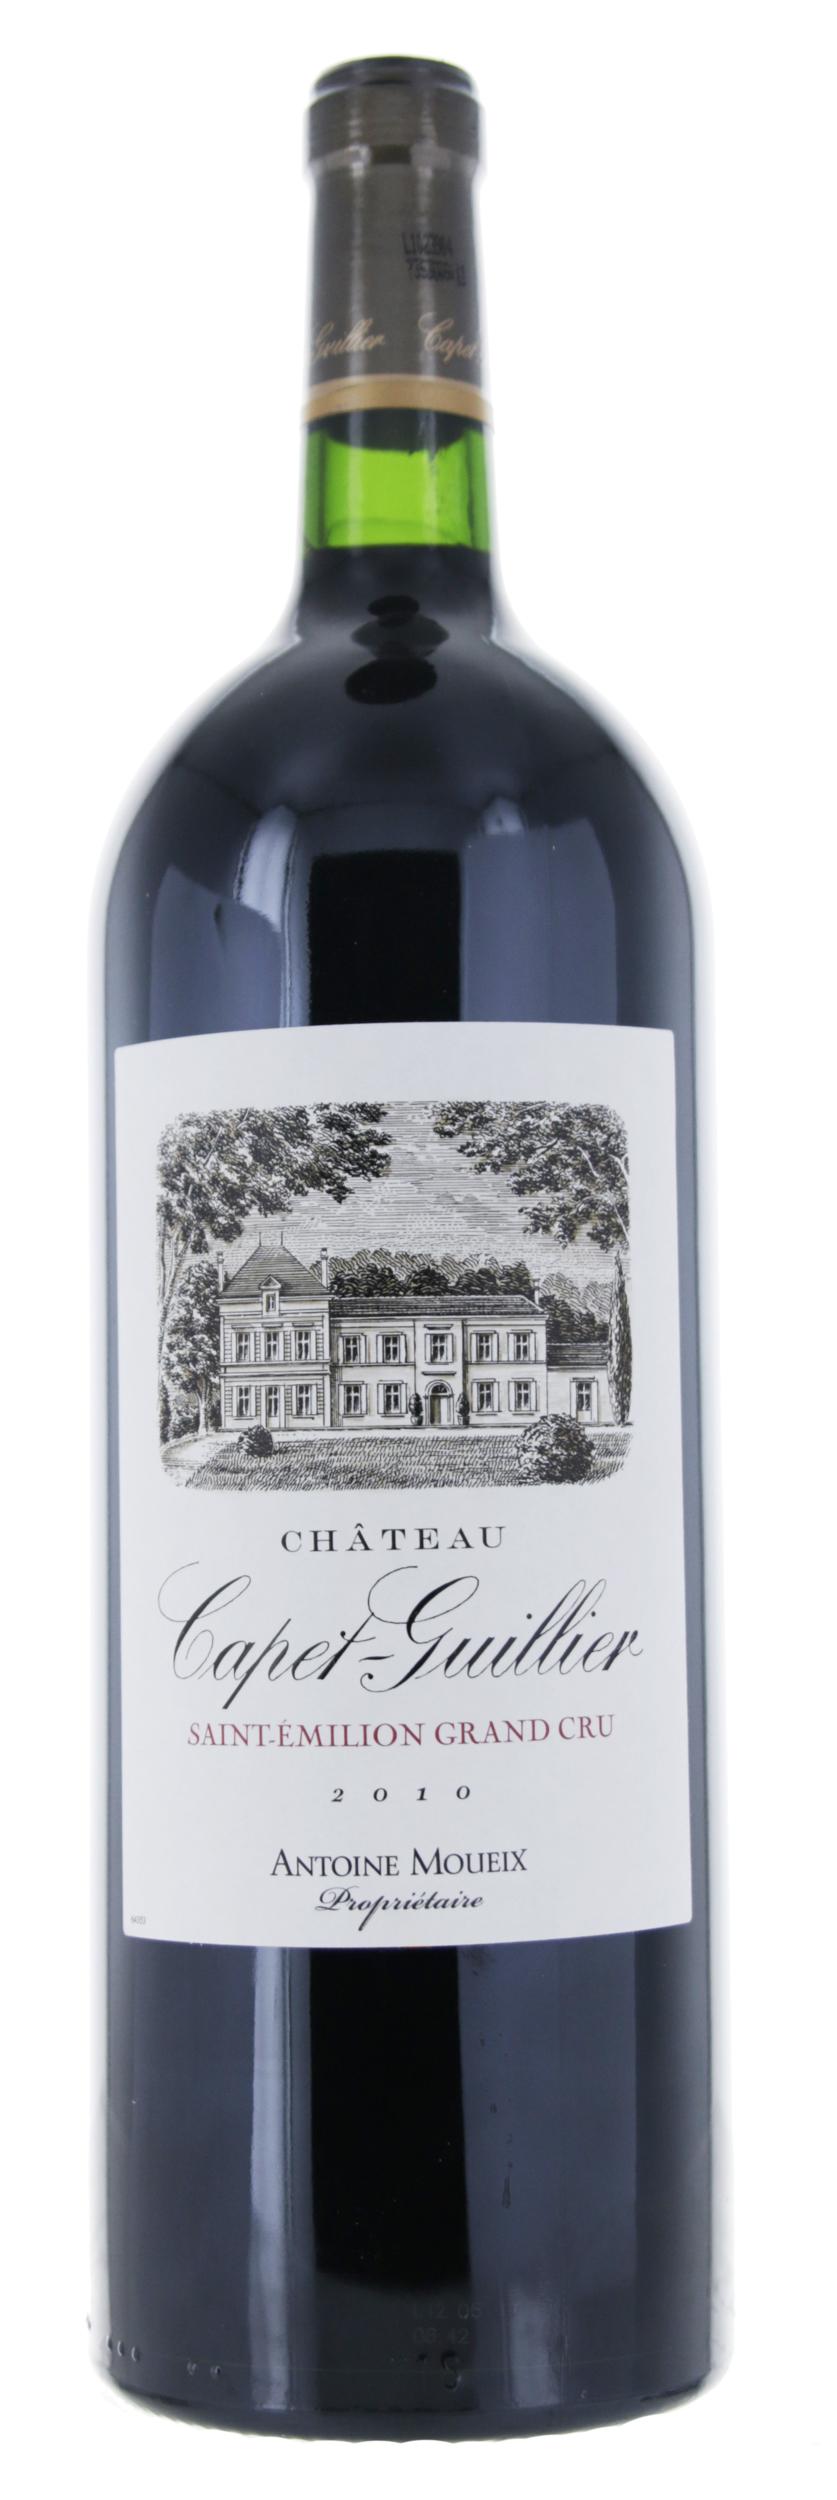 Saint Emilion Grand Cru - Château Capet Guillier - 2010 - Magnum